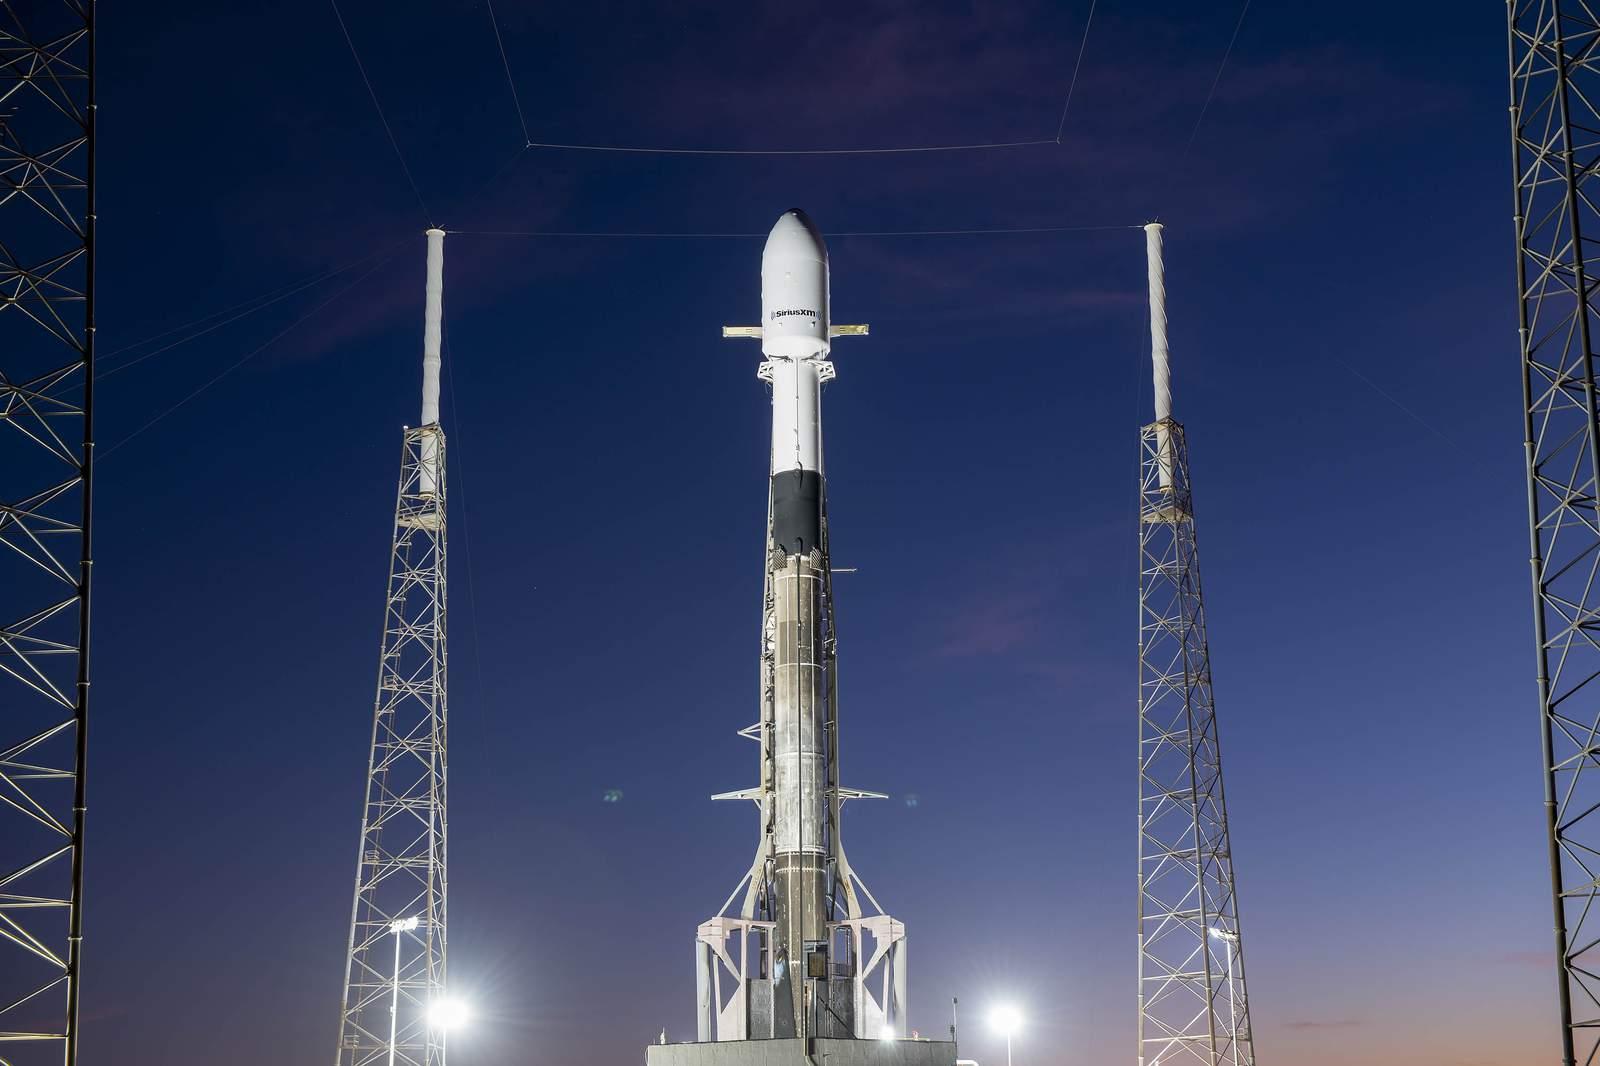 Il lancio finale di SpaceX del 2020 per portare un boom sonico nella Florida centrale